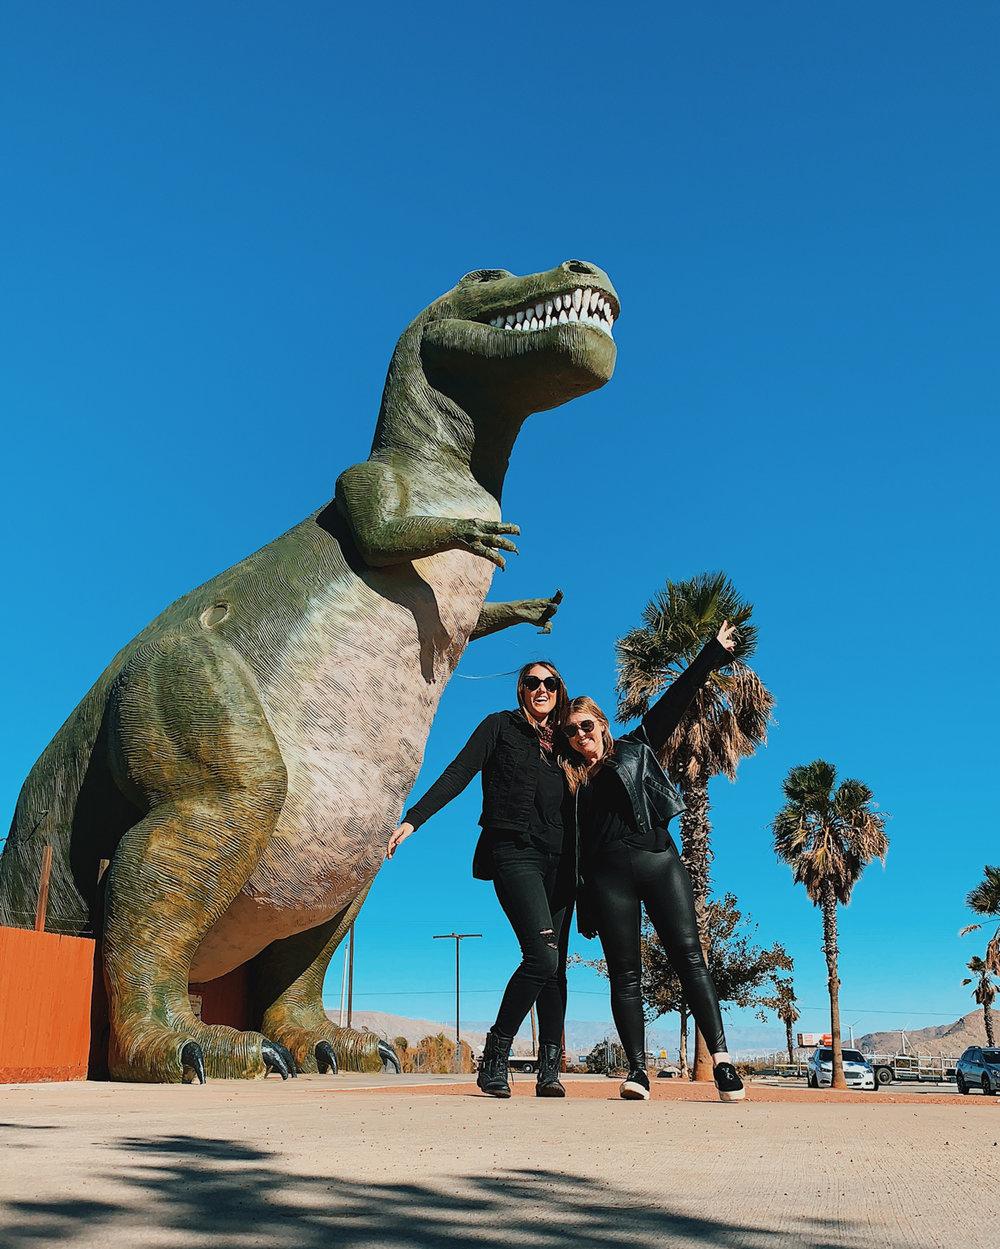 katherine_mendieta_palm_springs_cabazon_dinosaurs.jpg